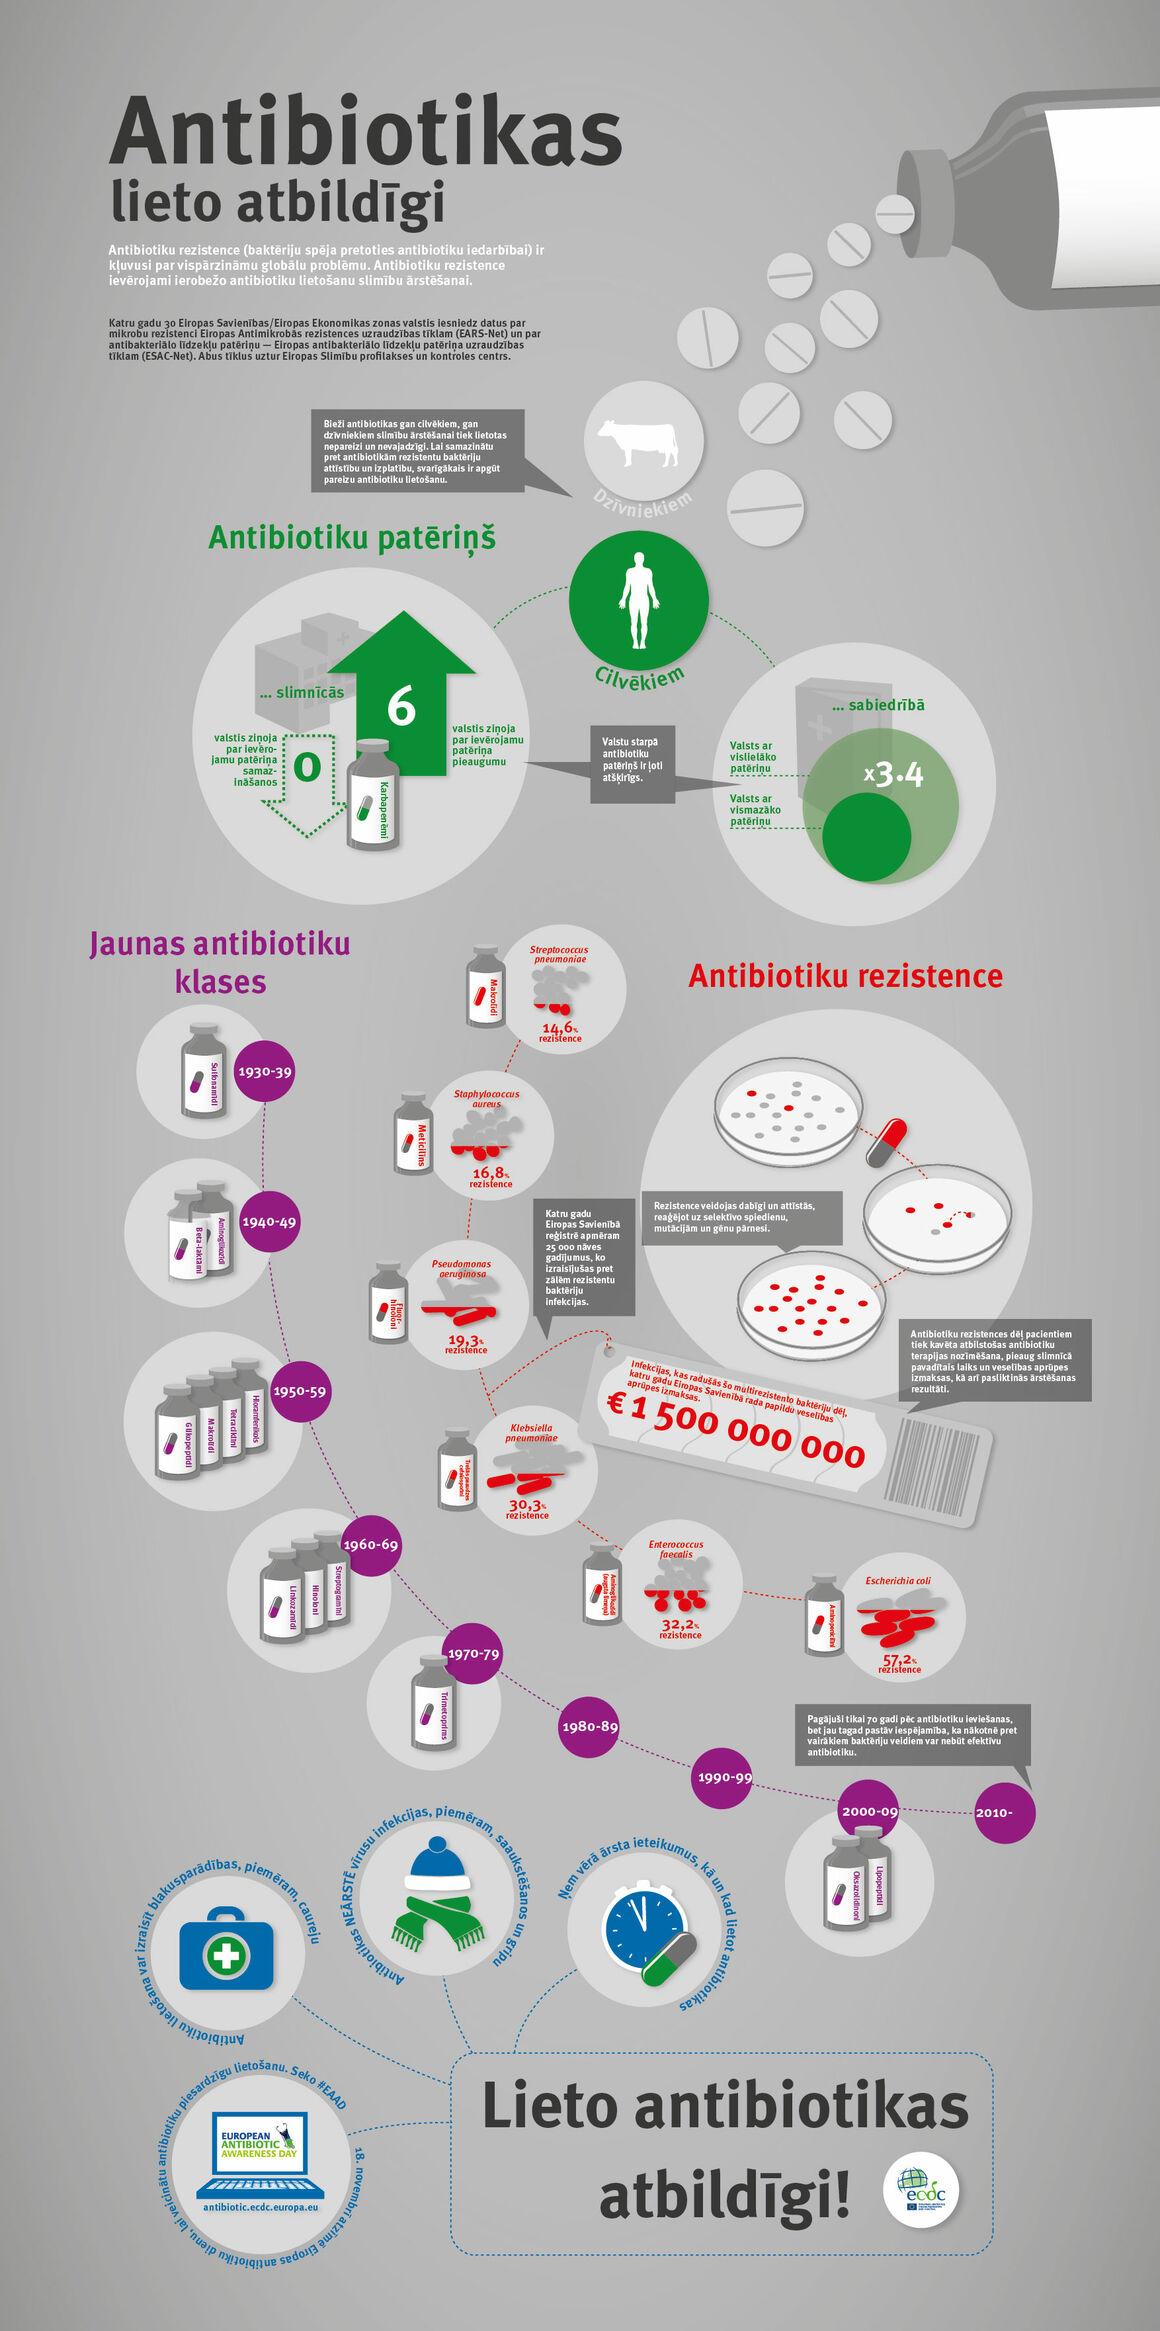 Antibiotikas lieto atbildīgi